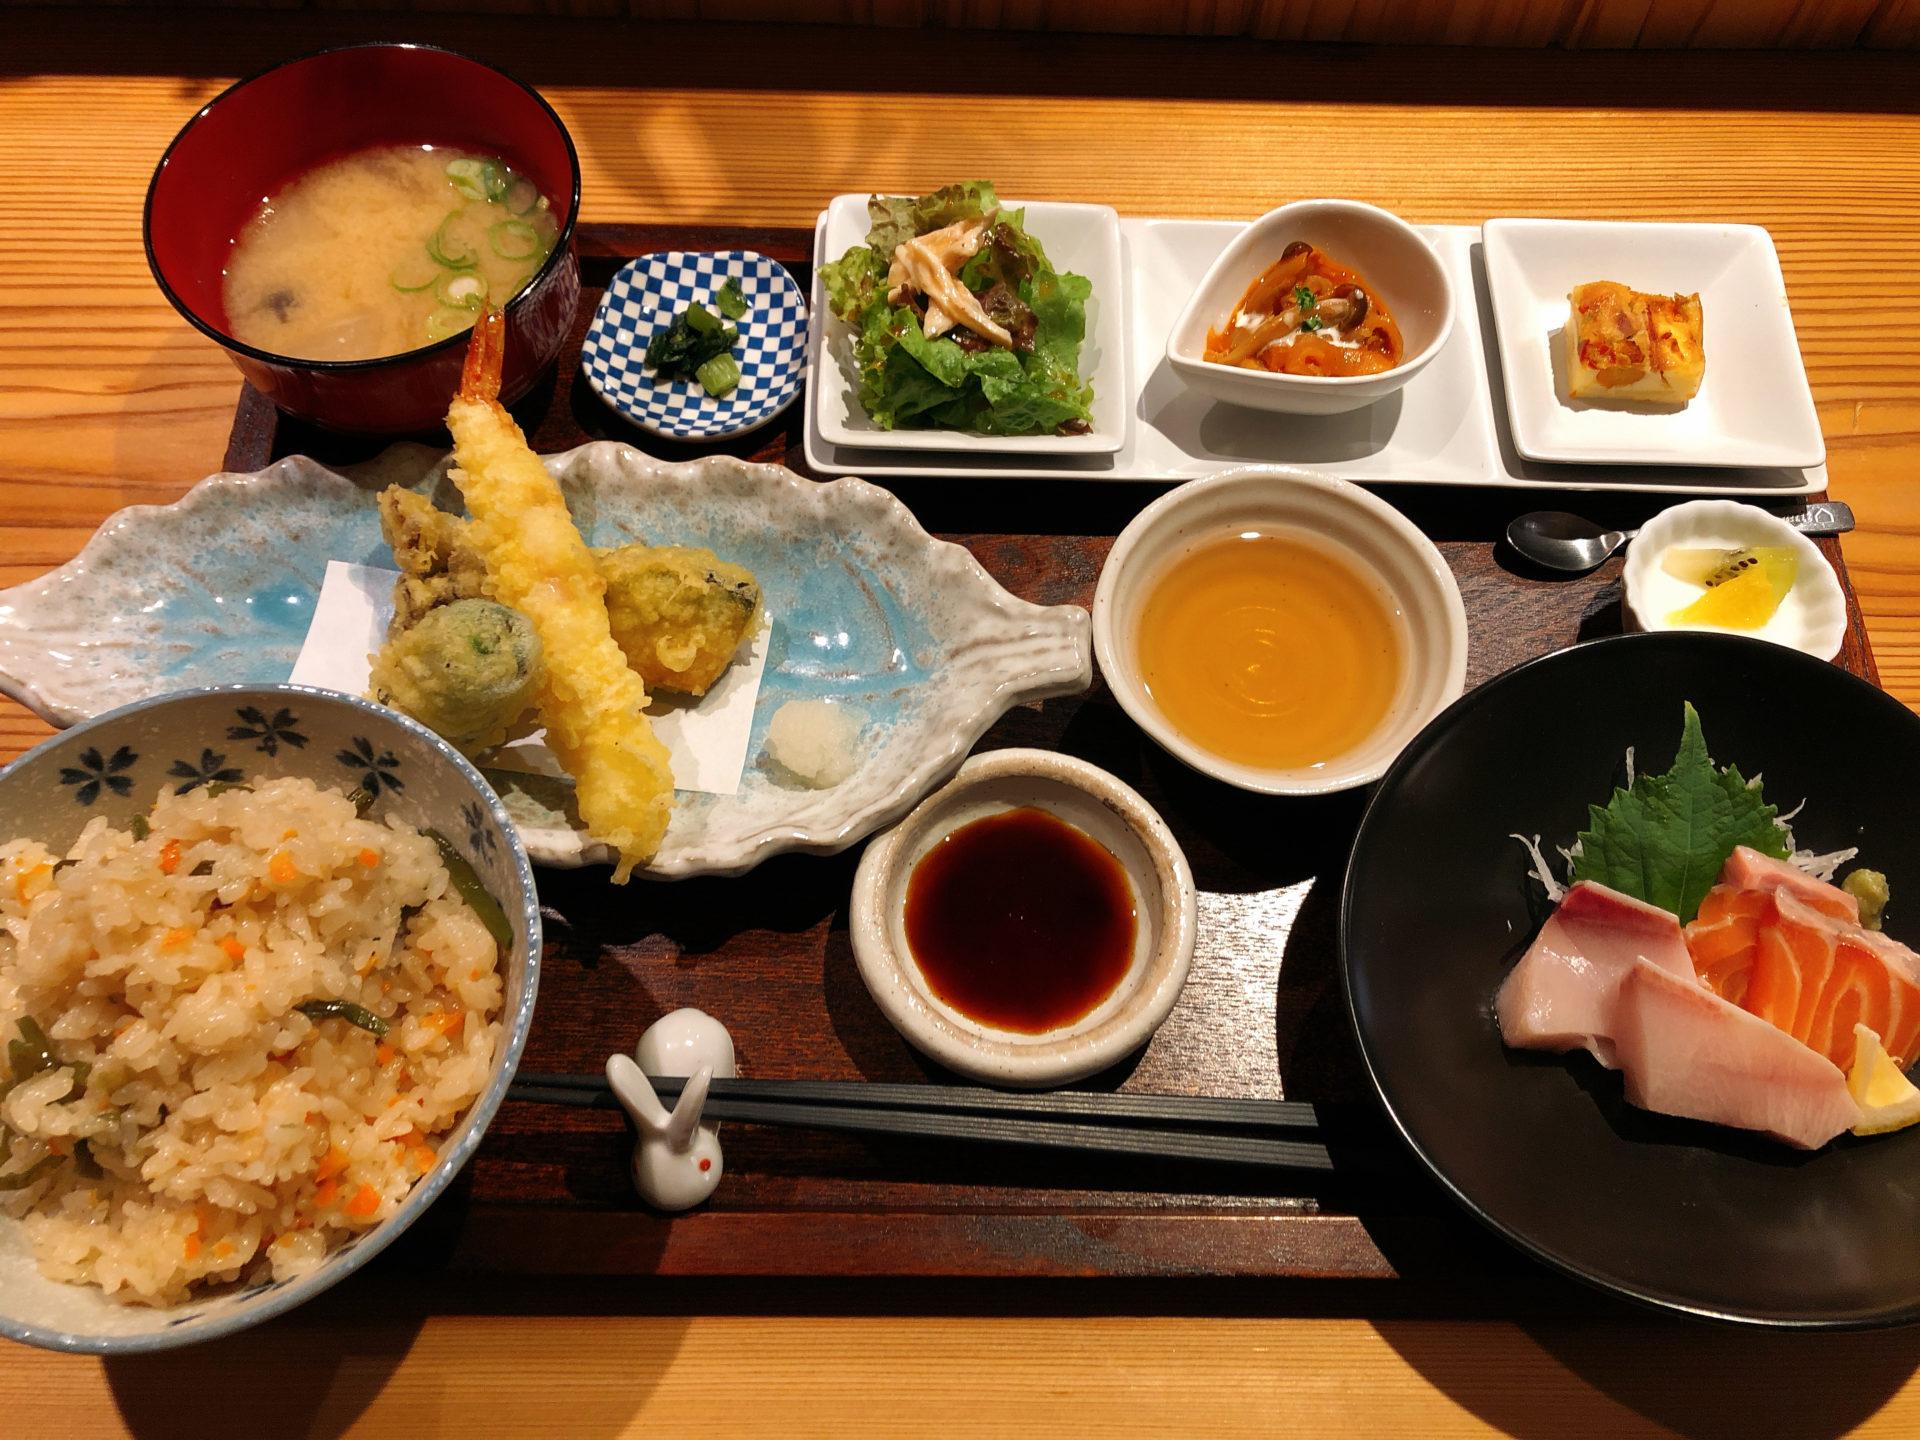 備中箕島駅から徒歩で約7分 昼のみ営業の 季菜里 のランチは心遣いにリピしたくなる